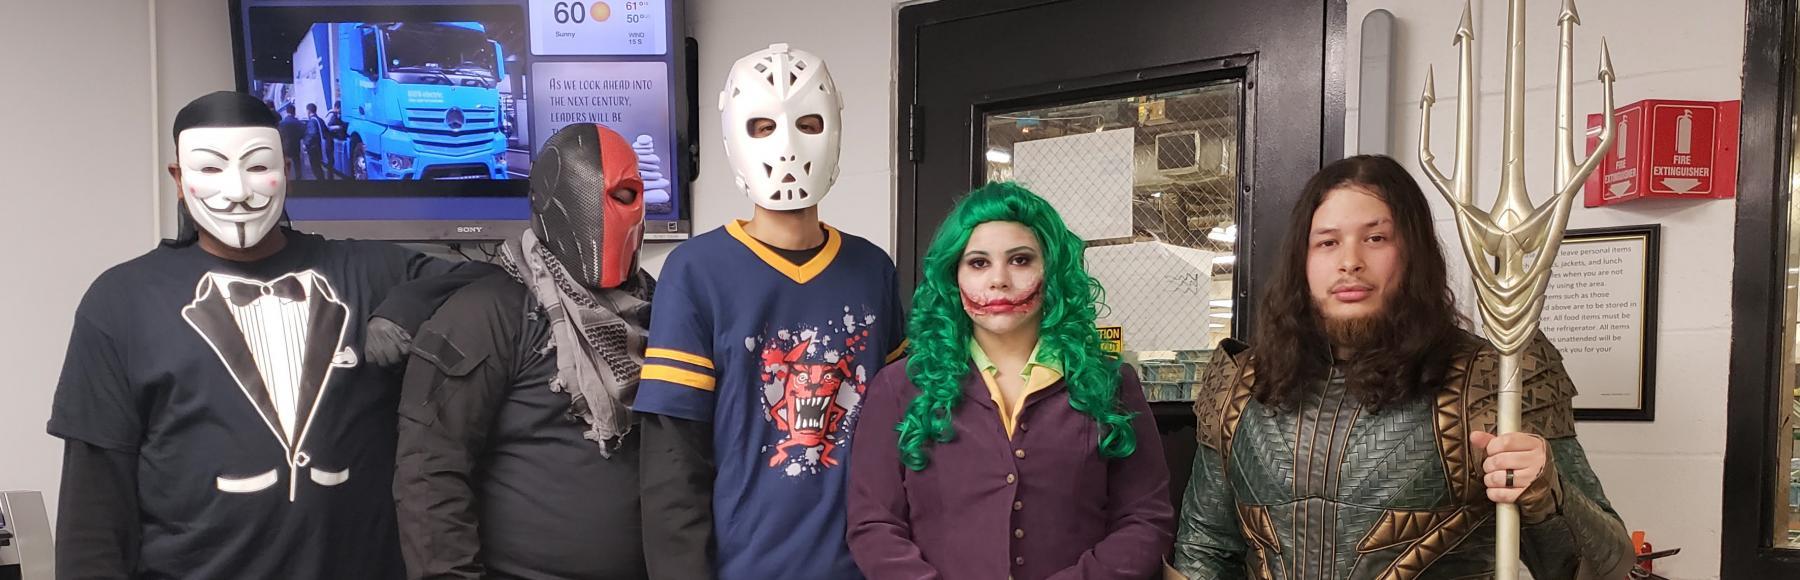 一群员工身穿万圣节服装,扮成漫画人物。